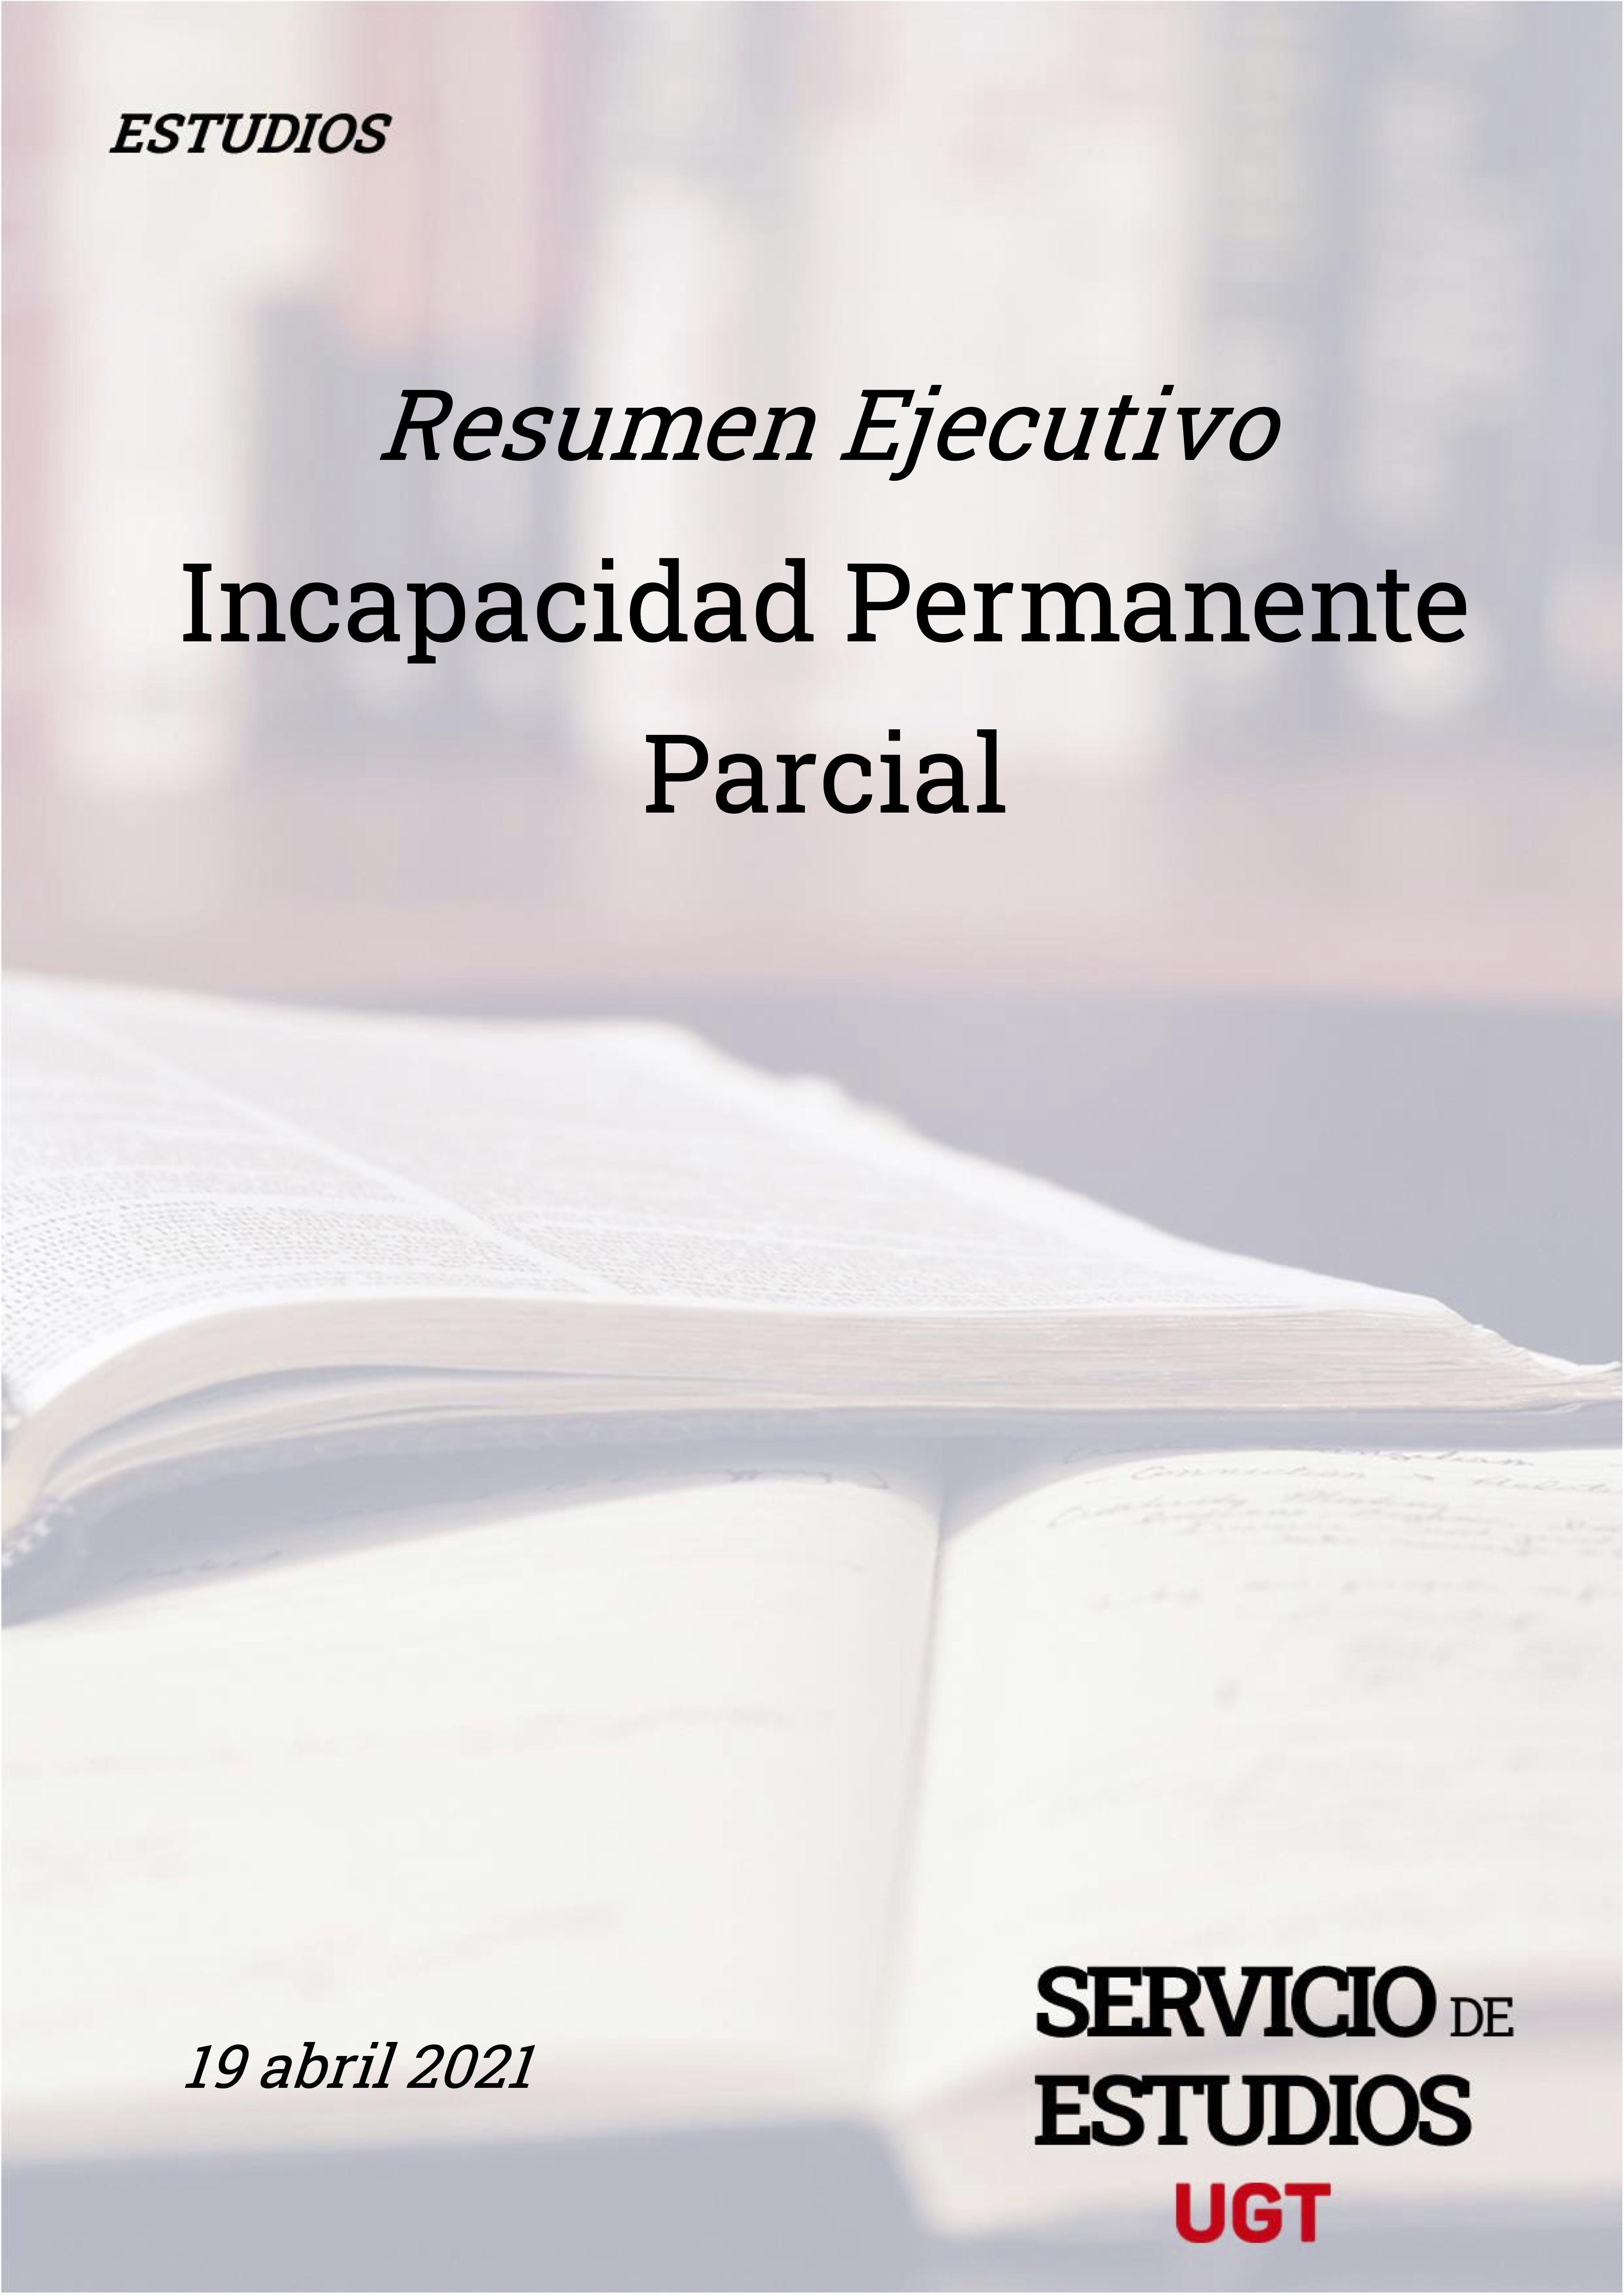 Resumen Ejecutivo incapacidad permanente parcial